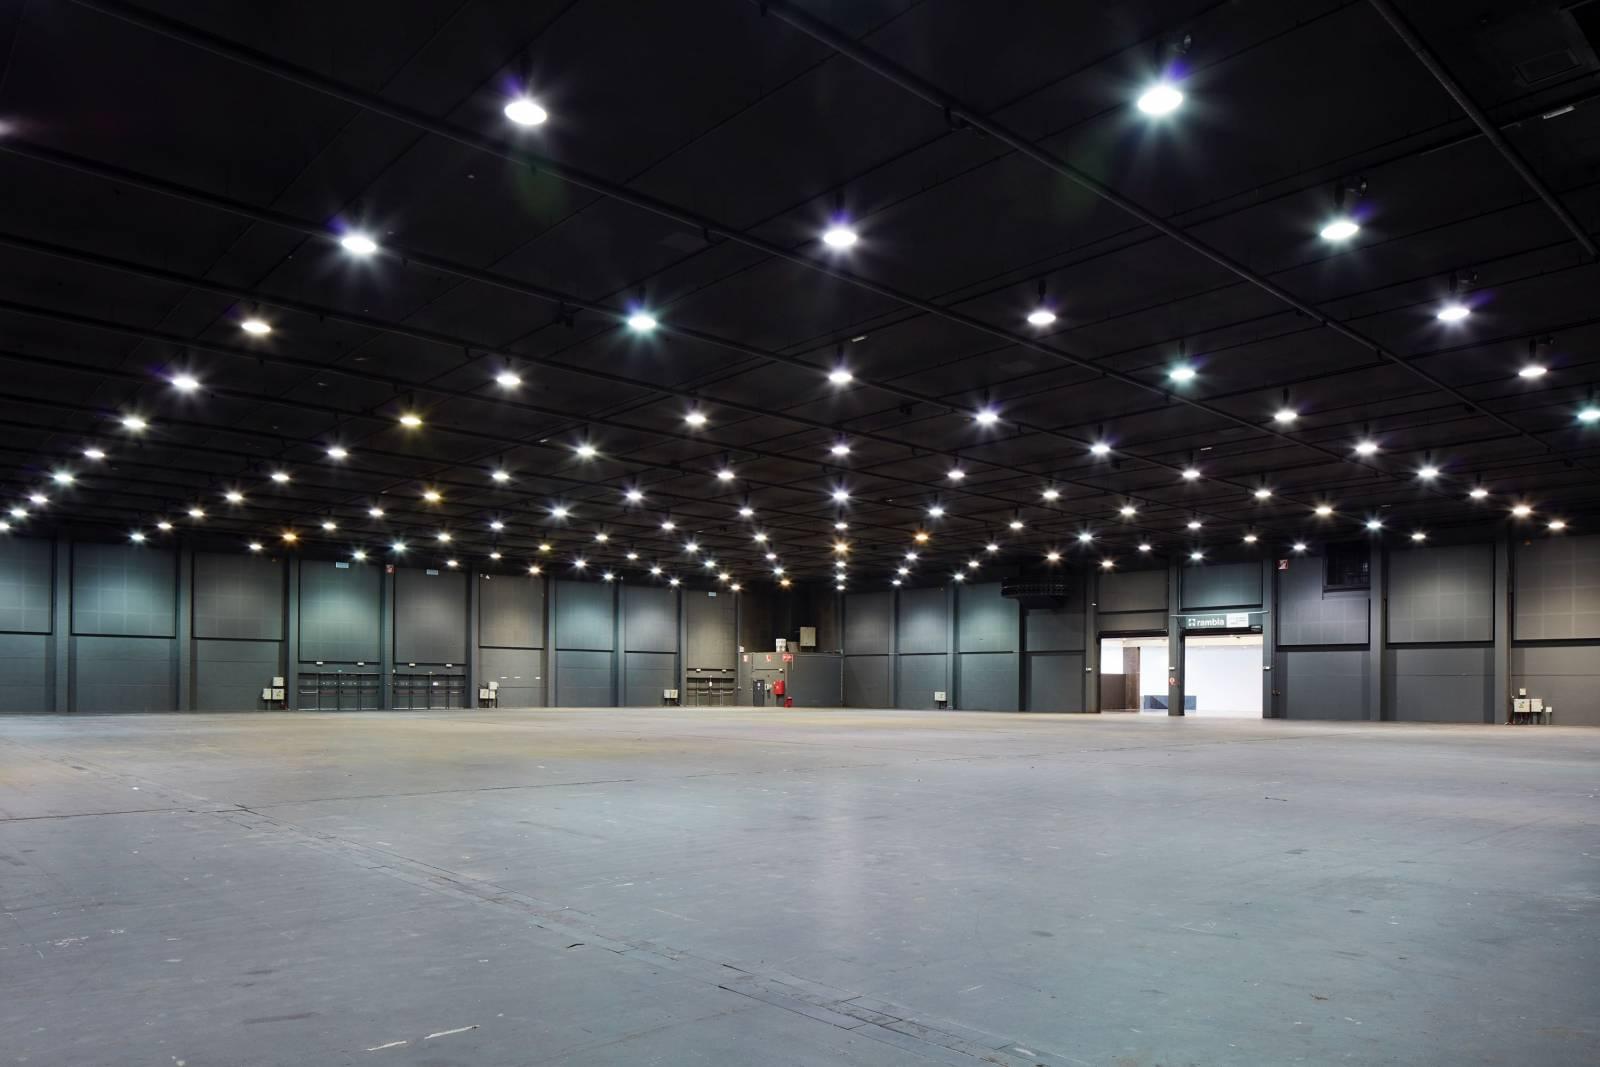 Kortrijk Xpo - Eventlocatie - Feestzaal - Kortrijk - Expohal - House of Events - 8